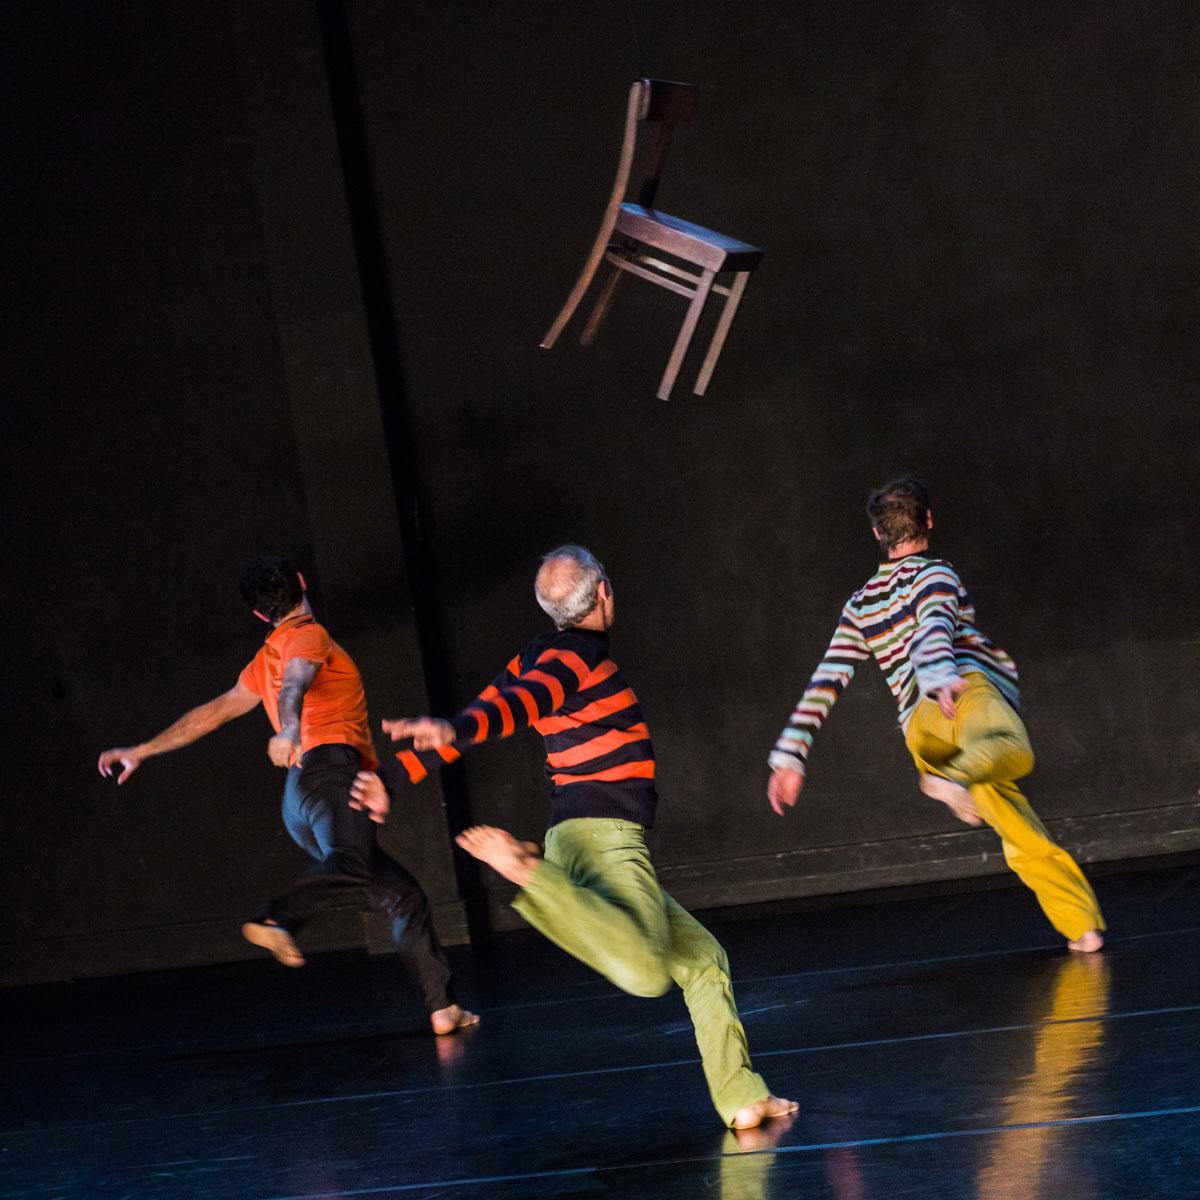 photo danse hommes danseurs cie blicke strasbourg